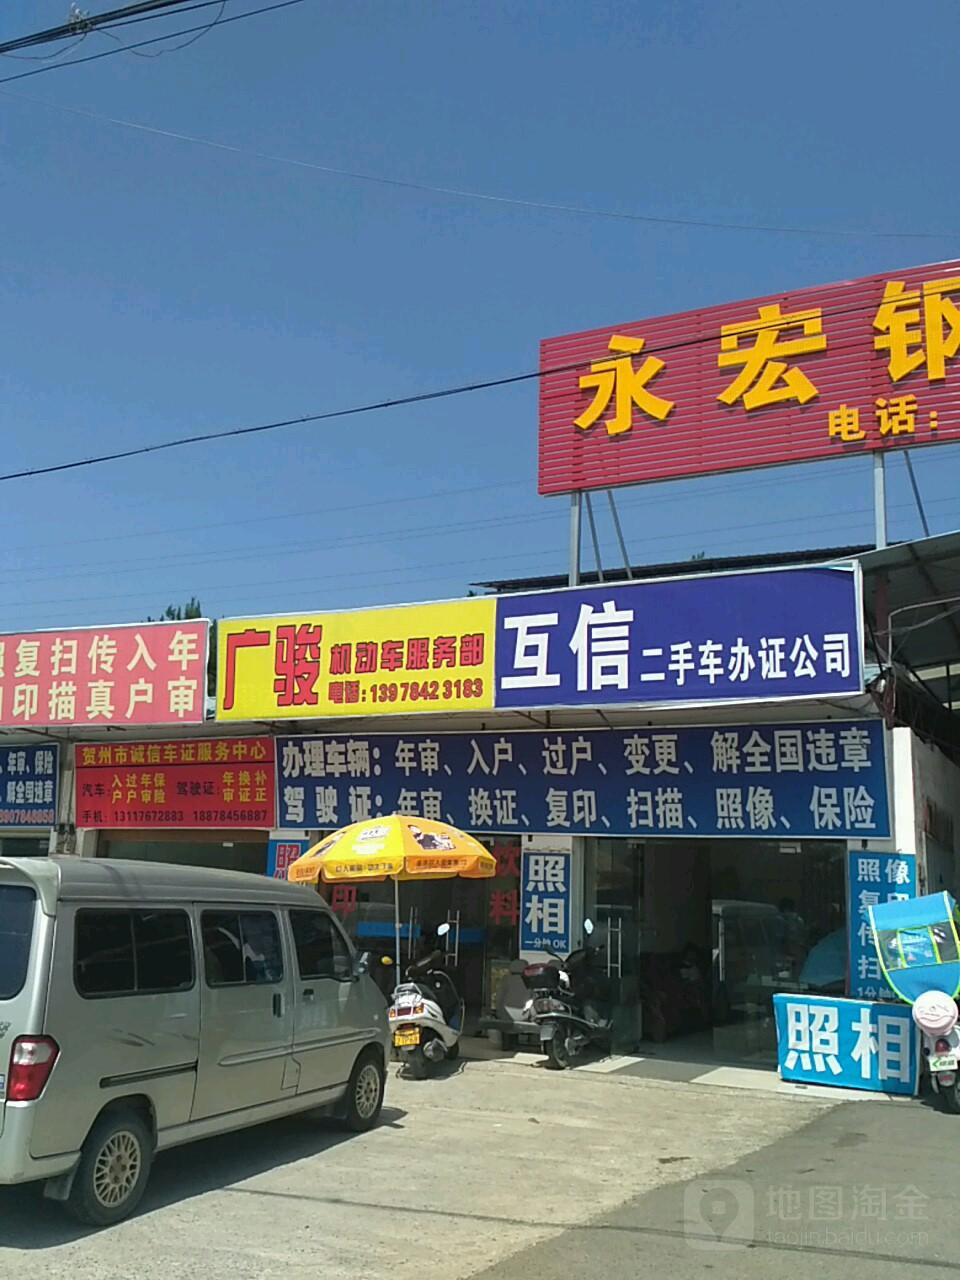 贺州市互信二手车交易有限责任公司